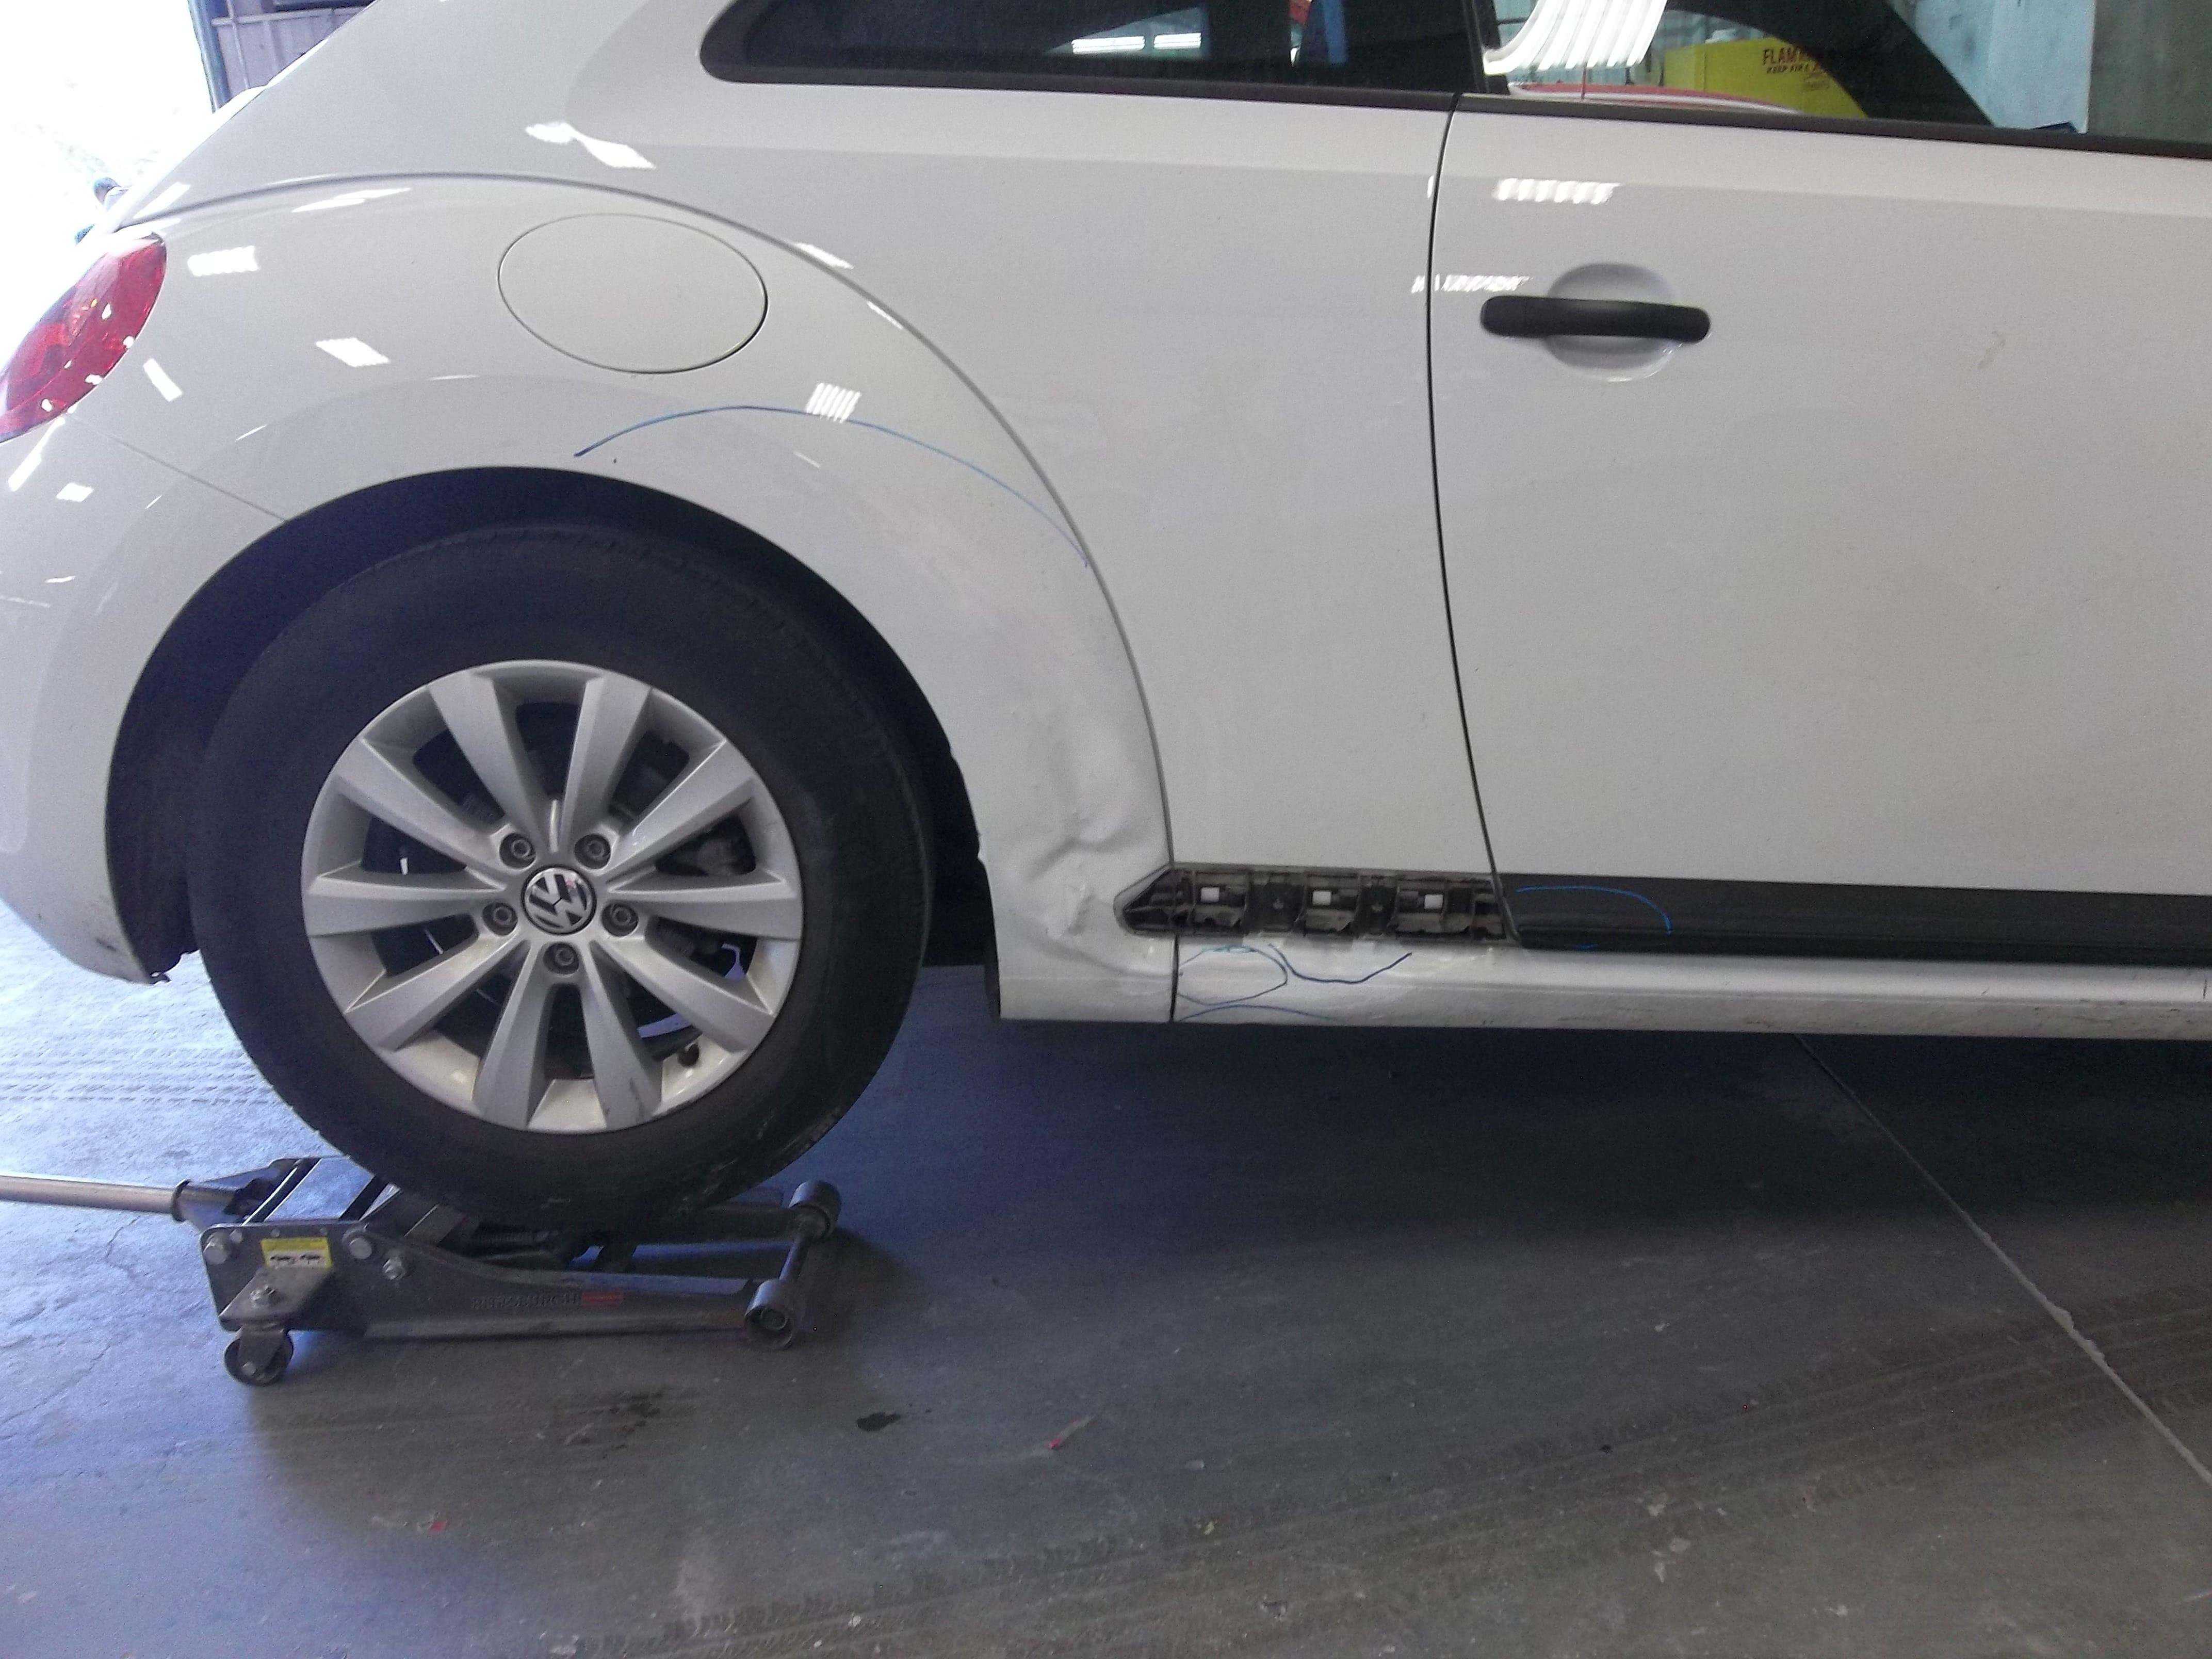 Automobile Scratch Repair